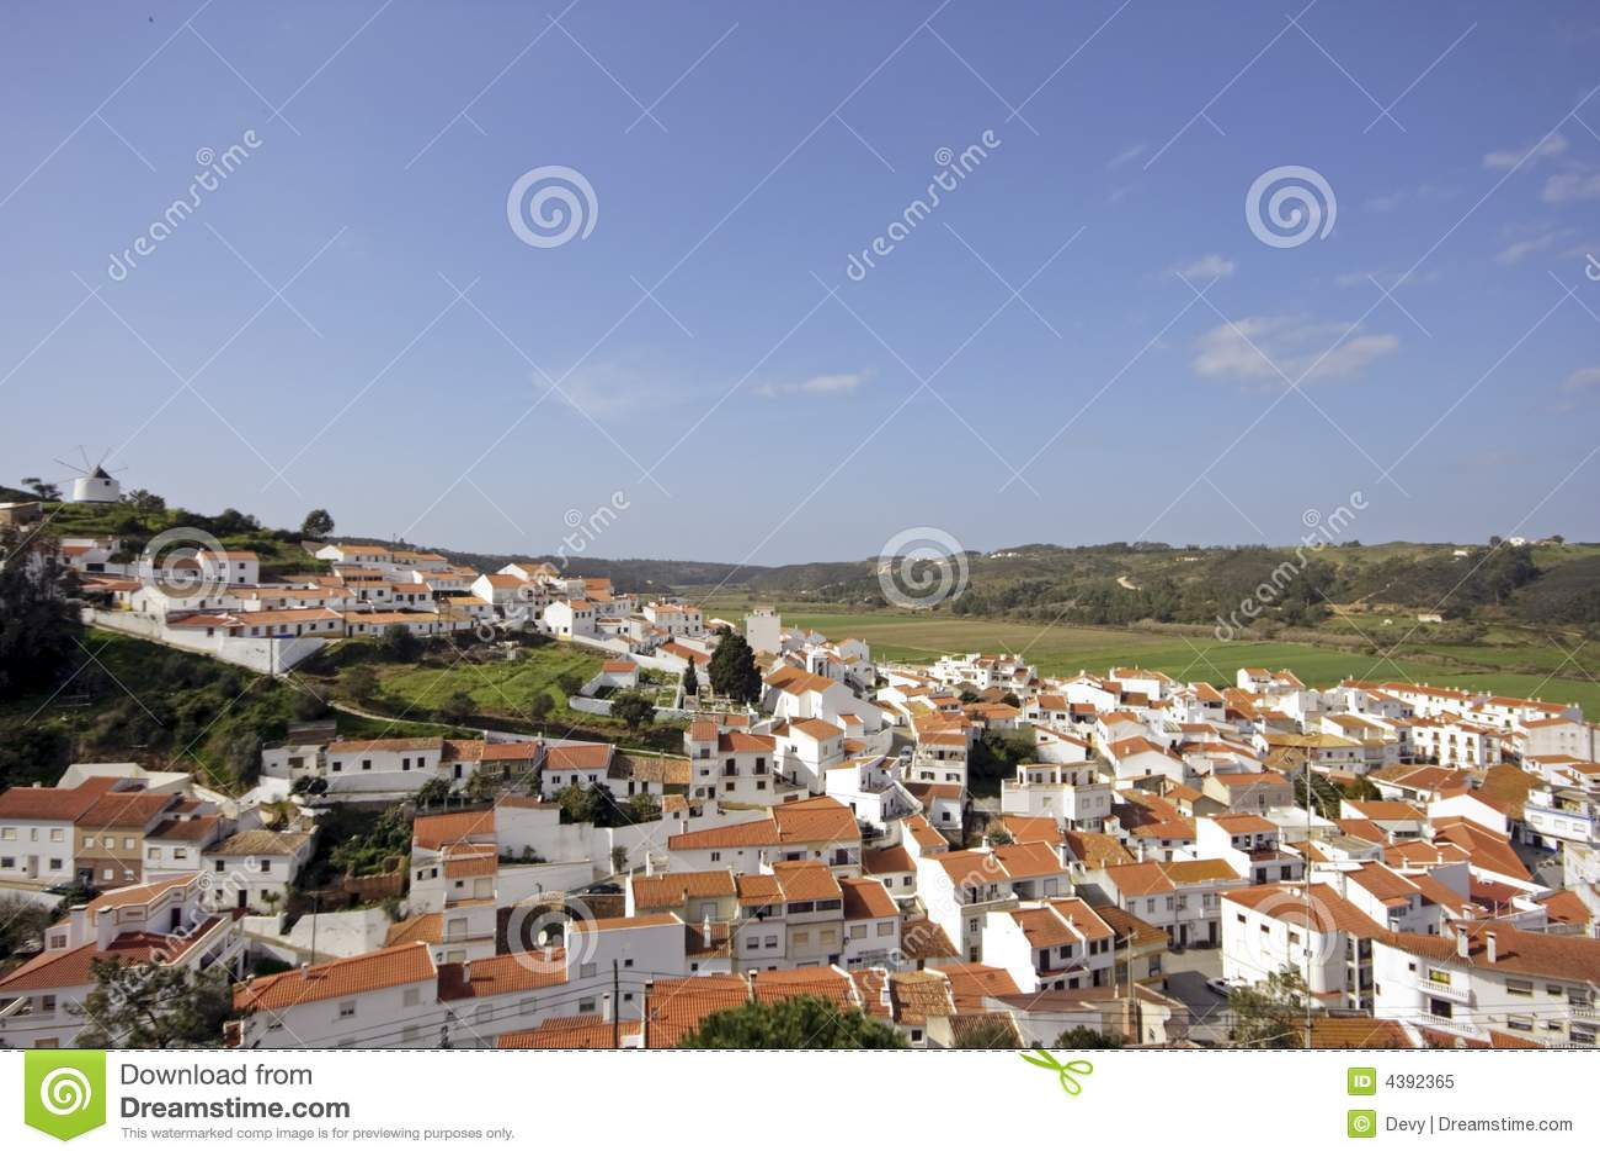 Odeceixe in Portugal